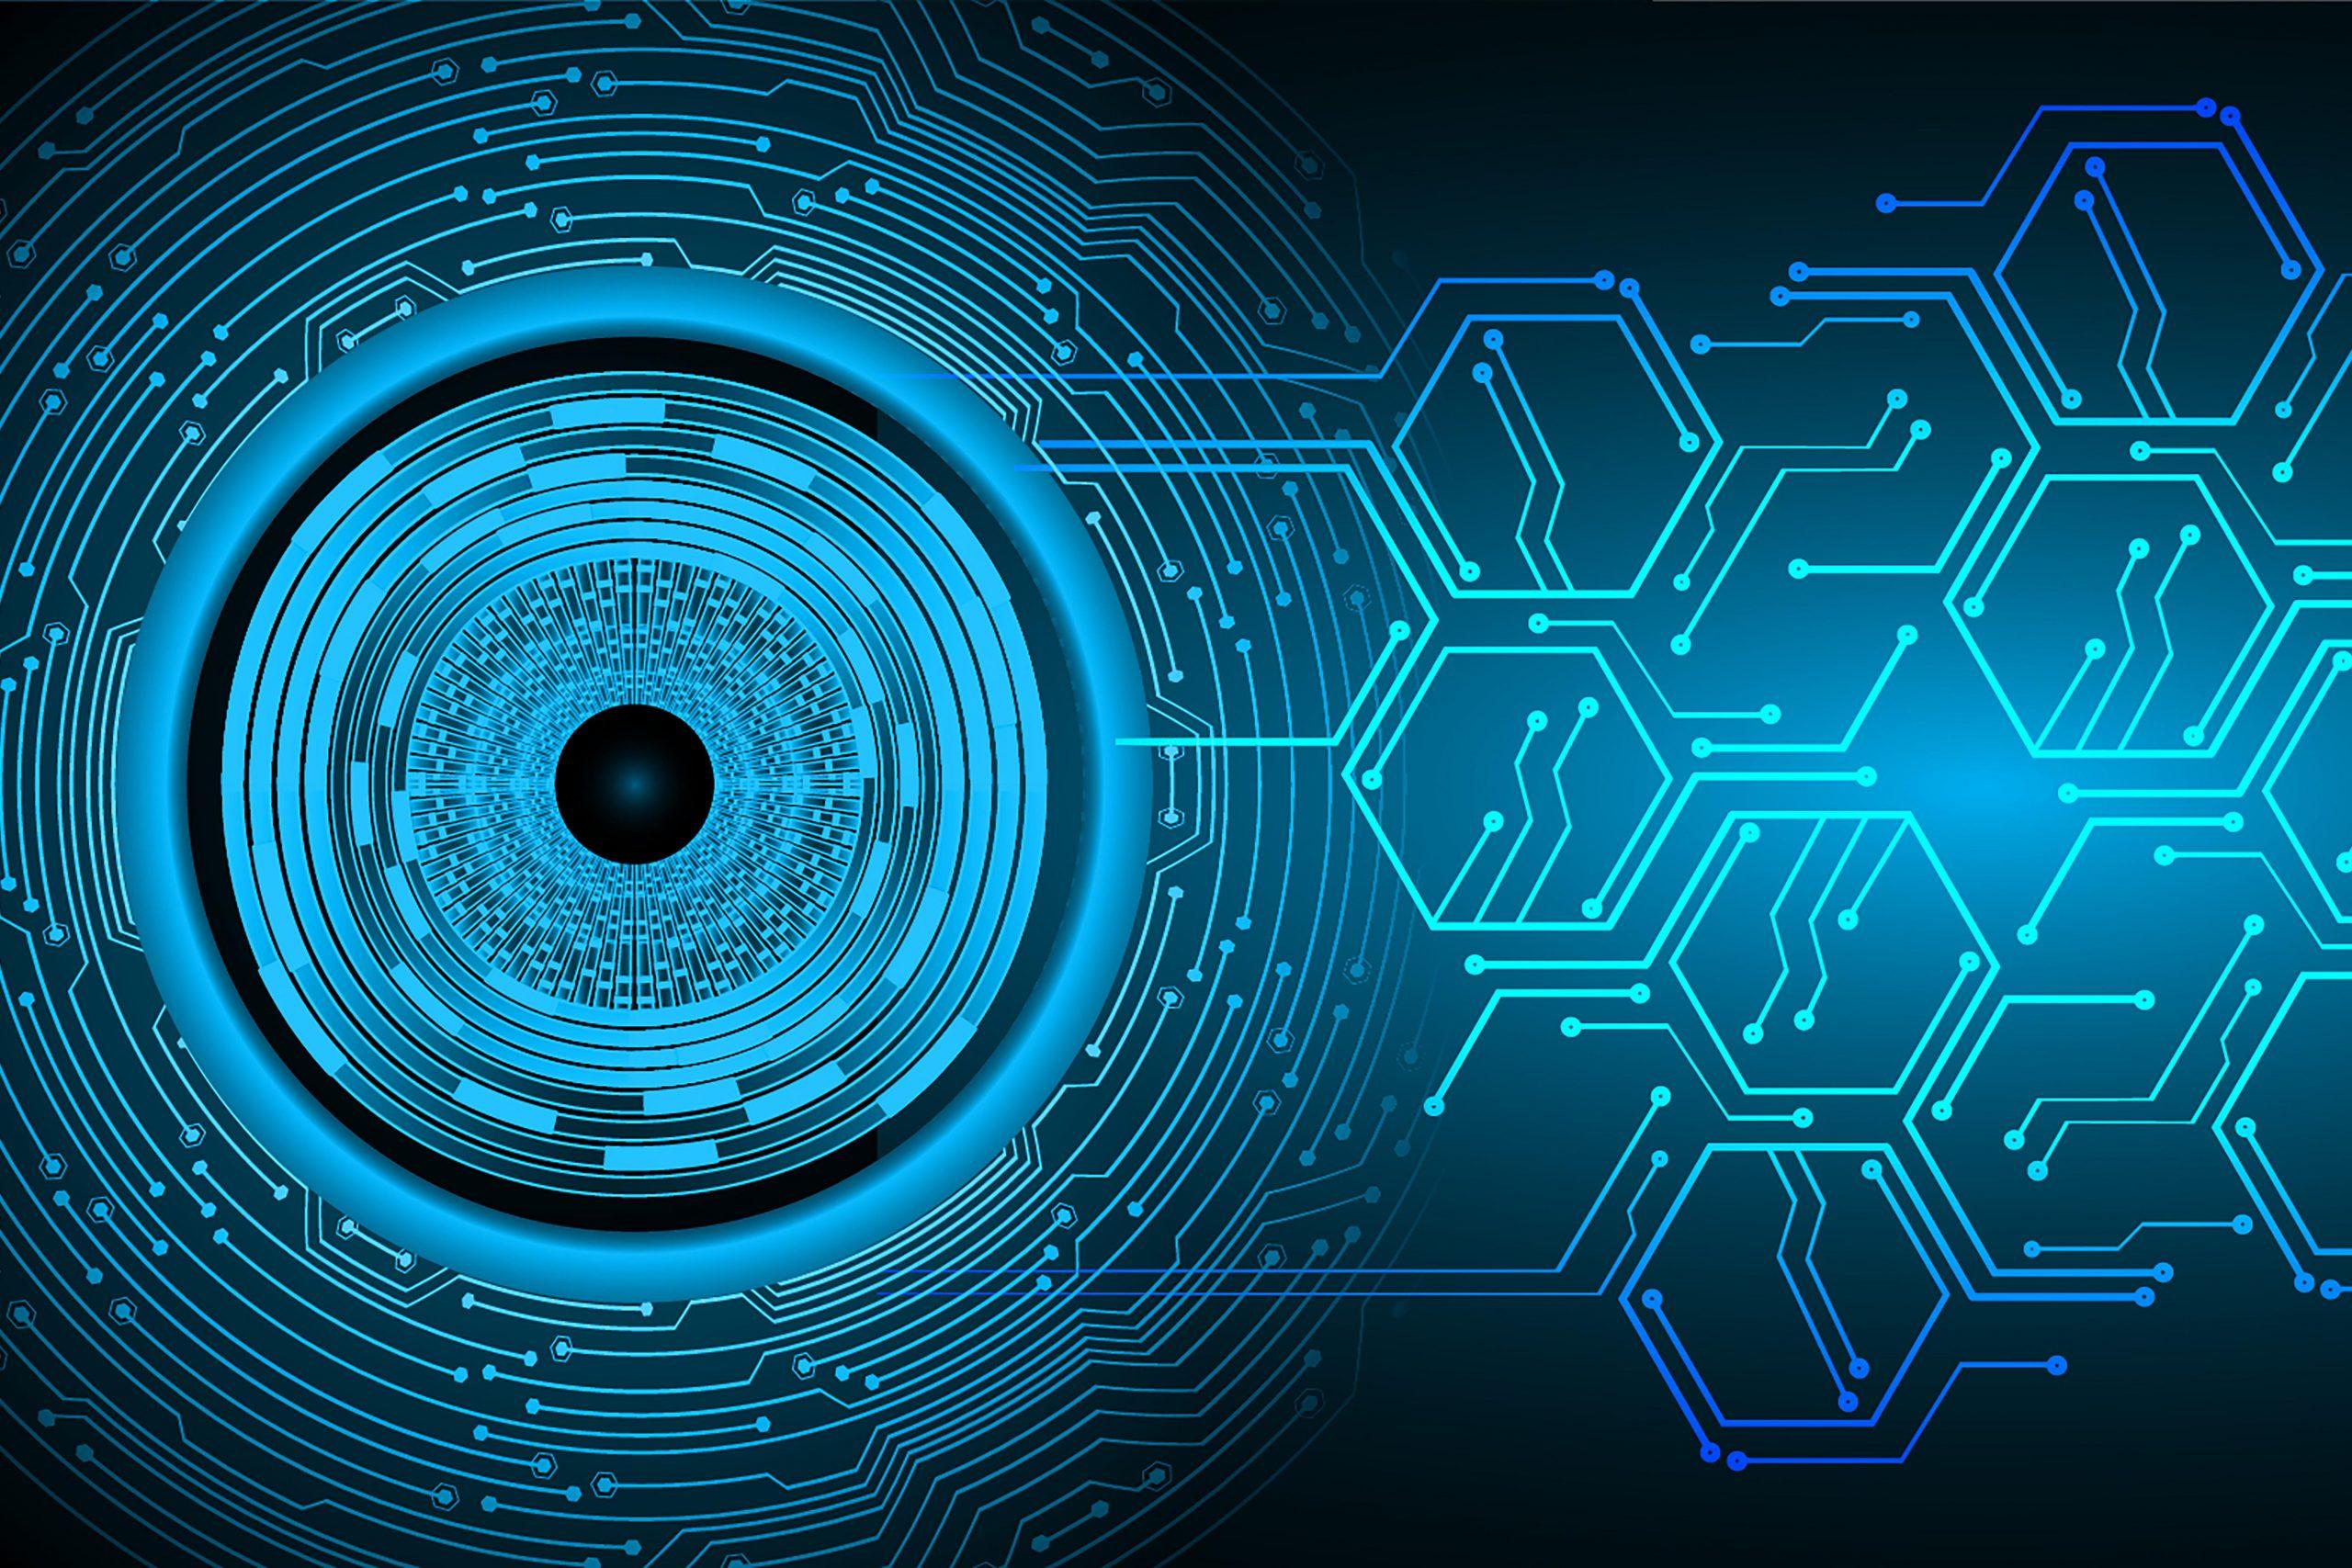 Segurança de dados corporativa: confira 5 dicas valiosas